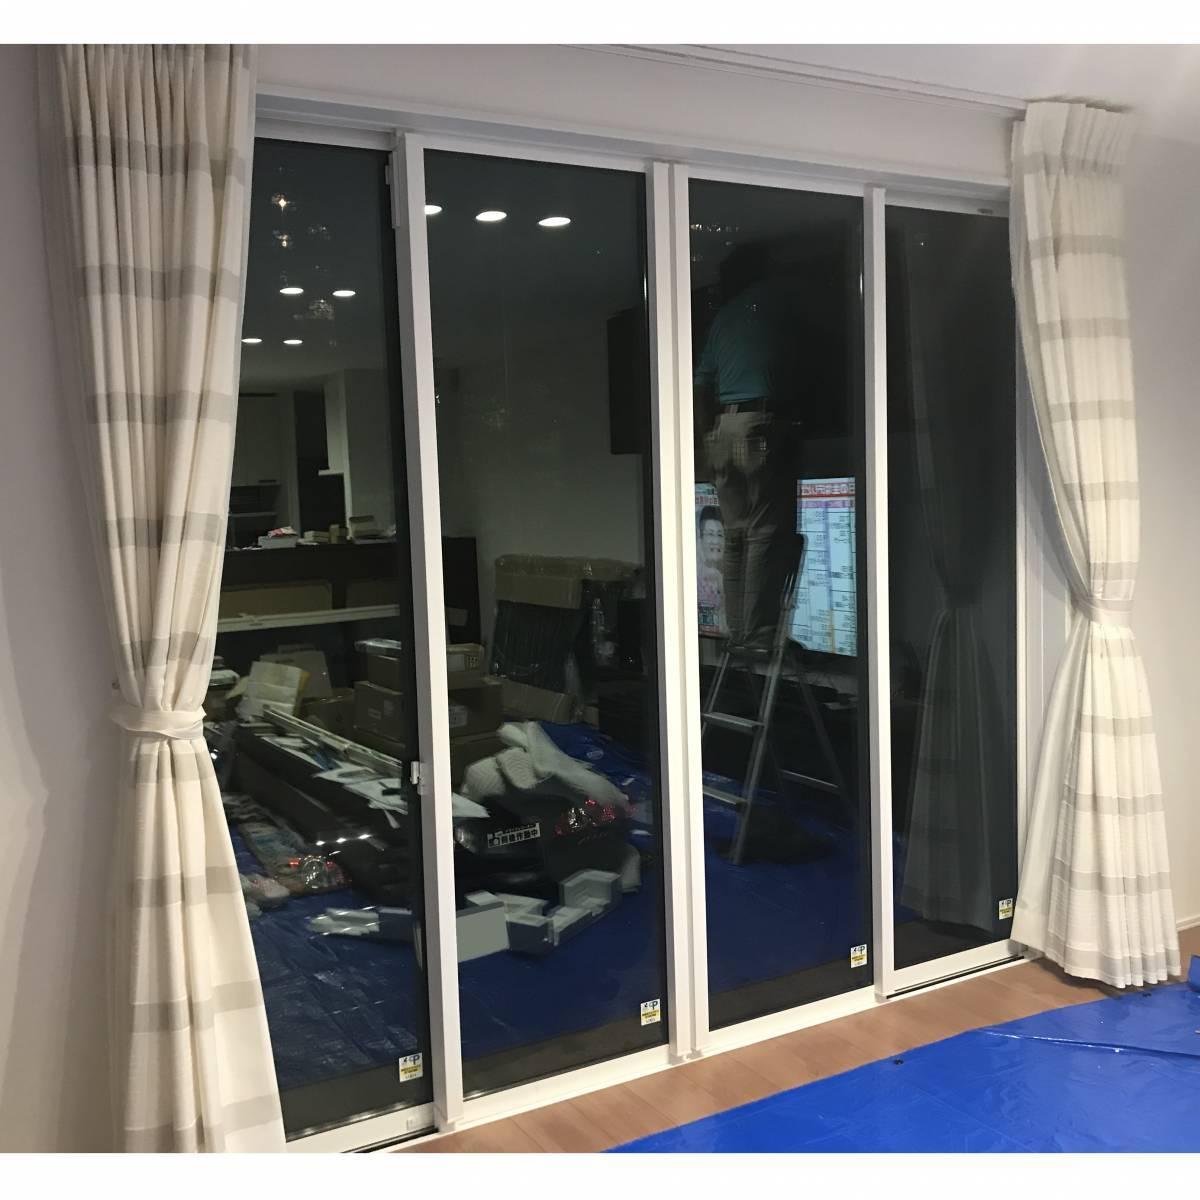 窓工房テラムラのリビングの大きな窓の近くが寒いのでなんとかしたいの施工前の写真1